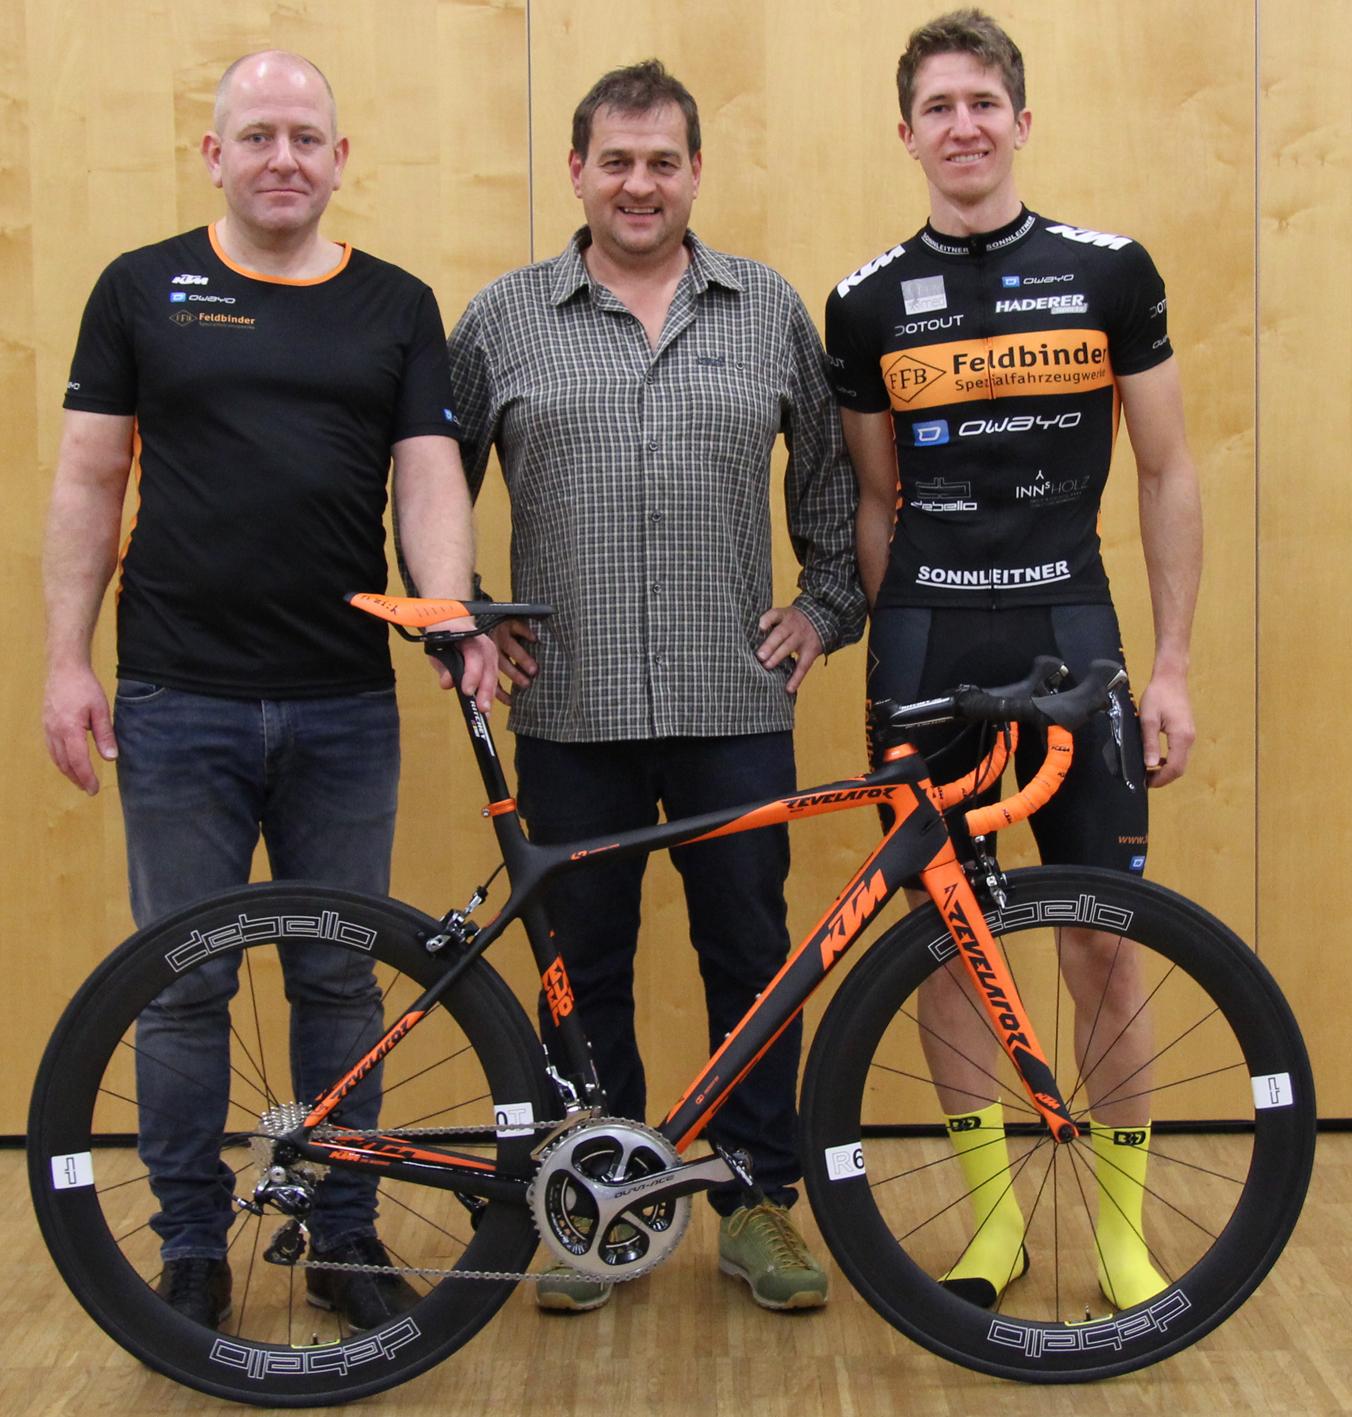 Andreas, Andreas Haderer, Matthias